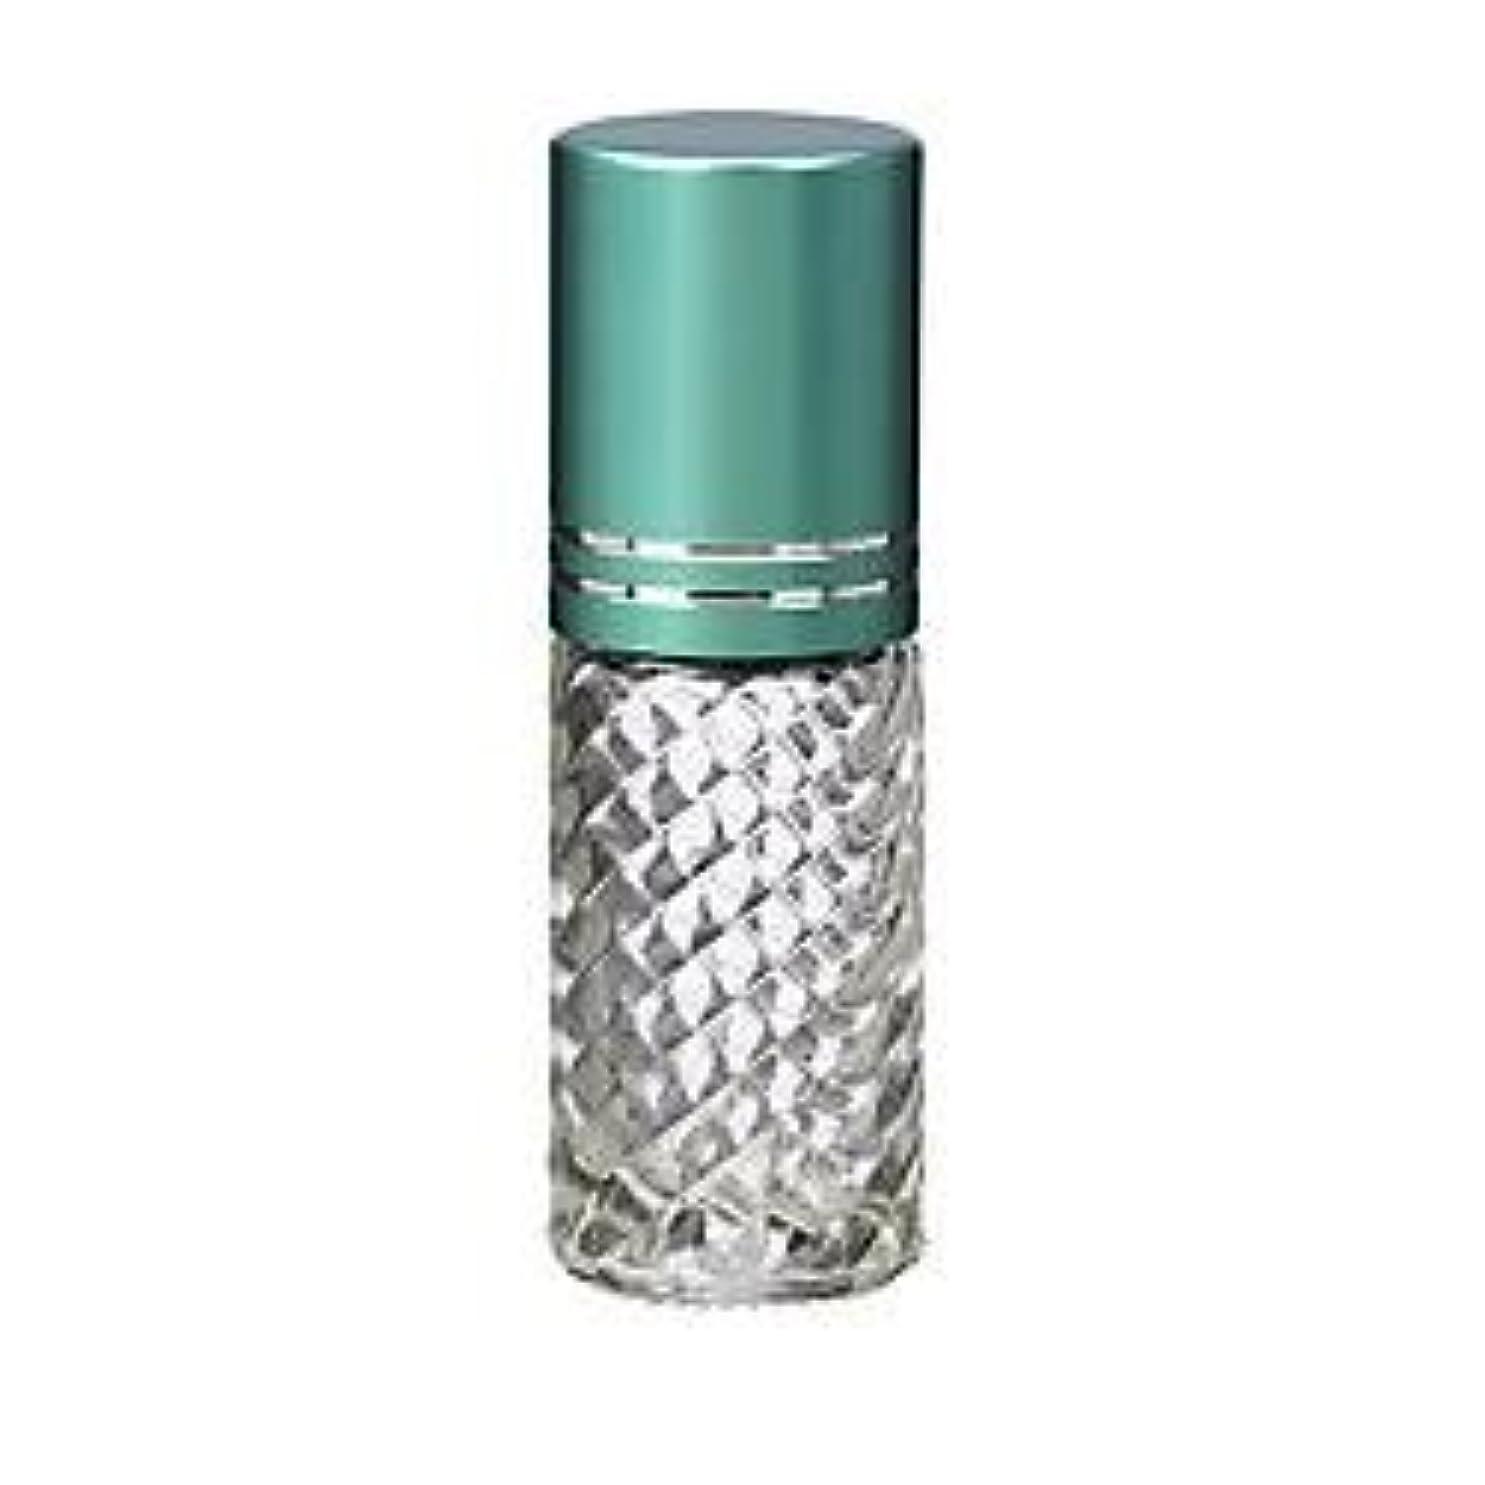 最小化する貢献活気づく4 Bottles Fancy Large 30ml Roll On Empty Glass Bottles for Essential Oils Refillable 1 Oz Glass Roller Ball Roll-On...